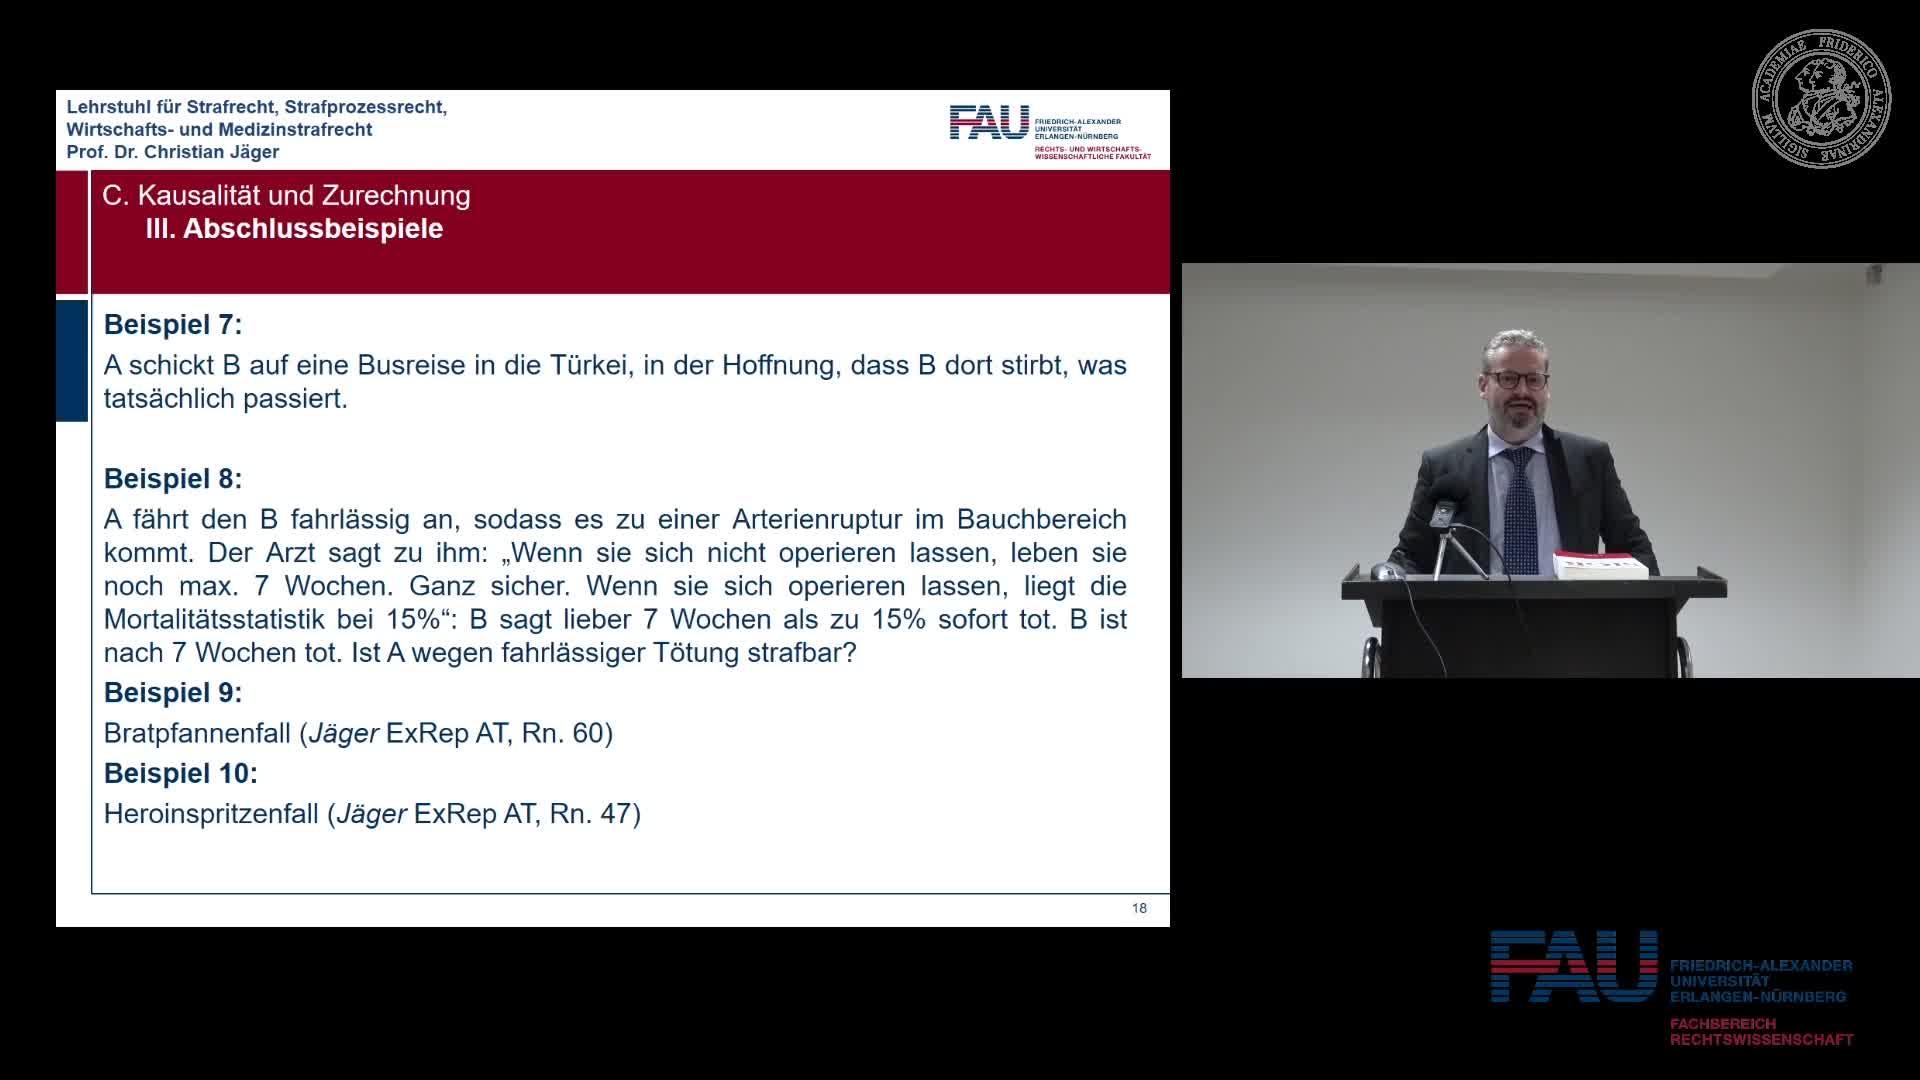 Grundkurs Strafrecht I - Einheit 10 preview image